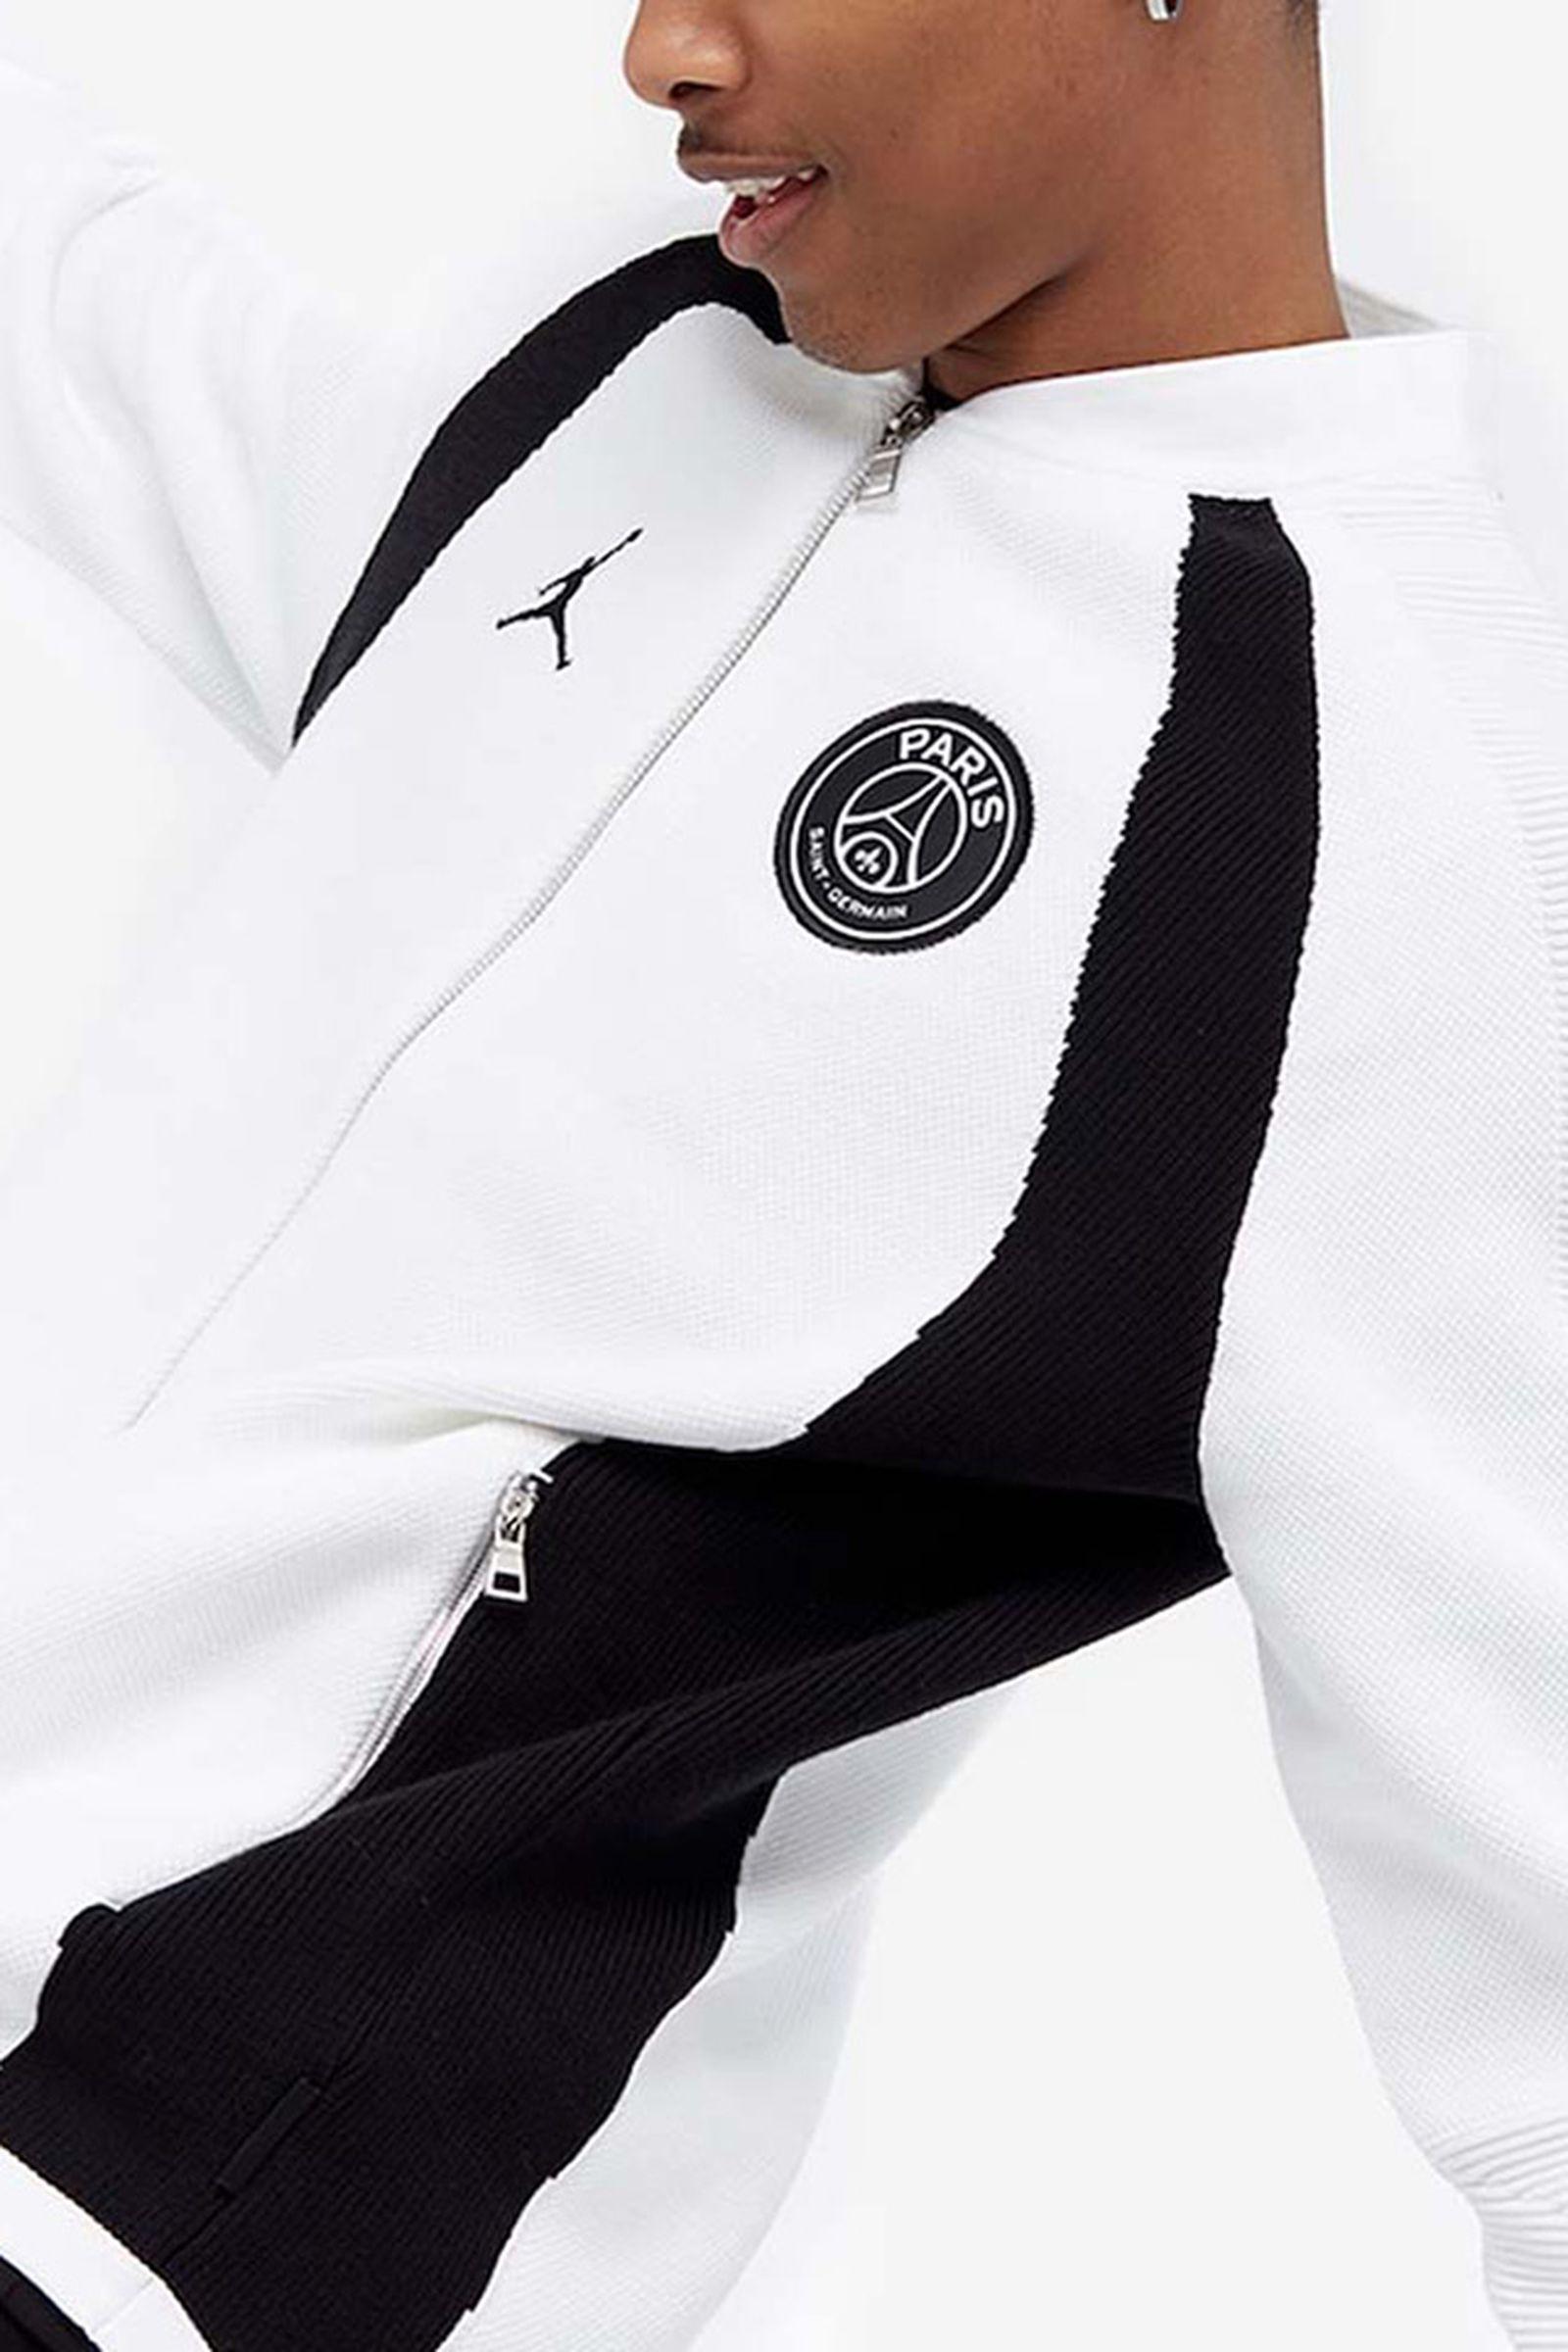 Paris Saint Germain X Jordan Link Up For Another Football Kit Collab